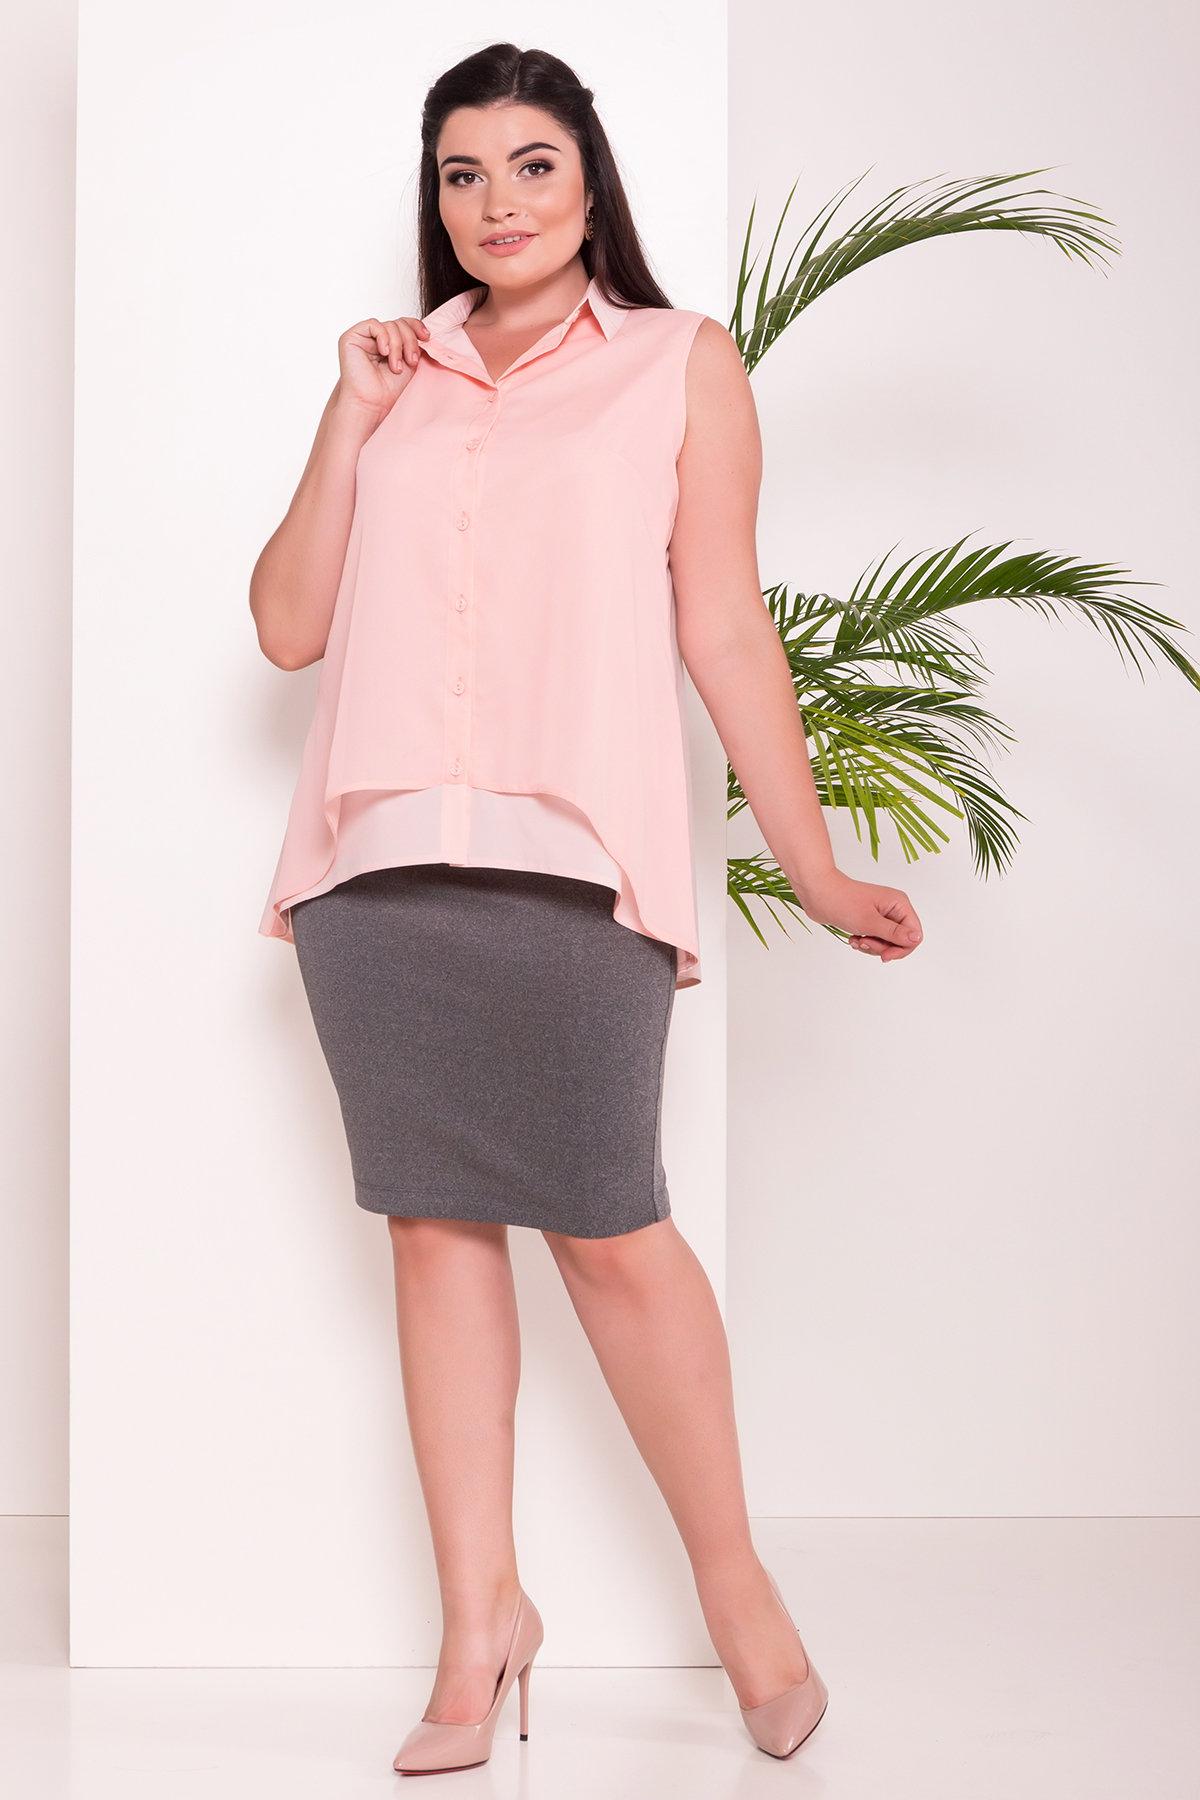 Удлиненная Рубашка Мелория Donna 7521 АРТ. 43456 Цвет: Пудра Светлая - фото 3, интернет магазин tm-modus.ru